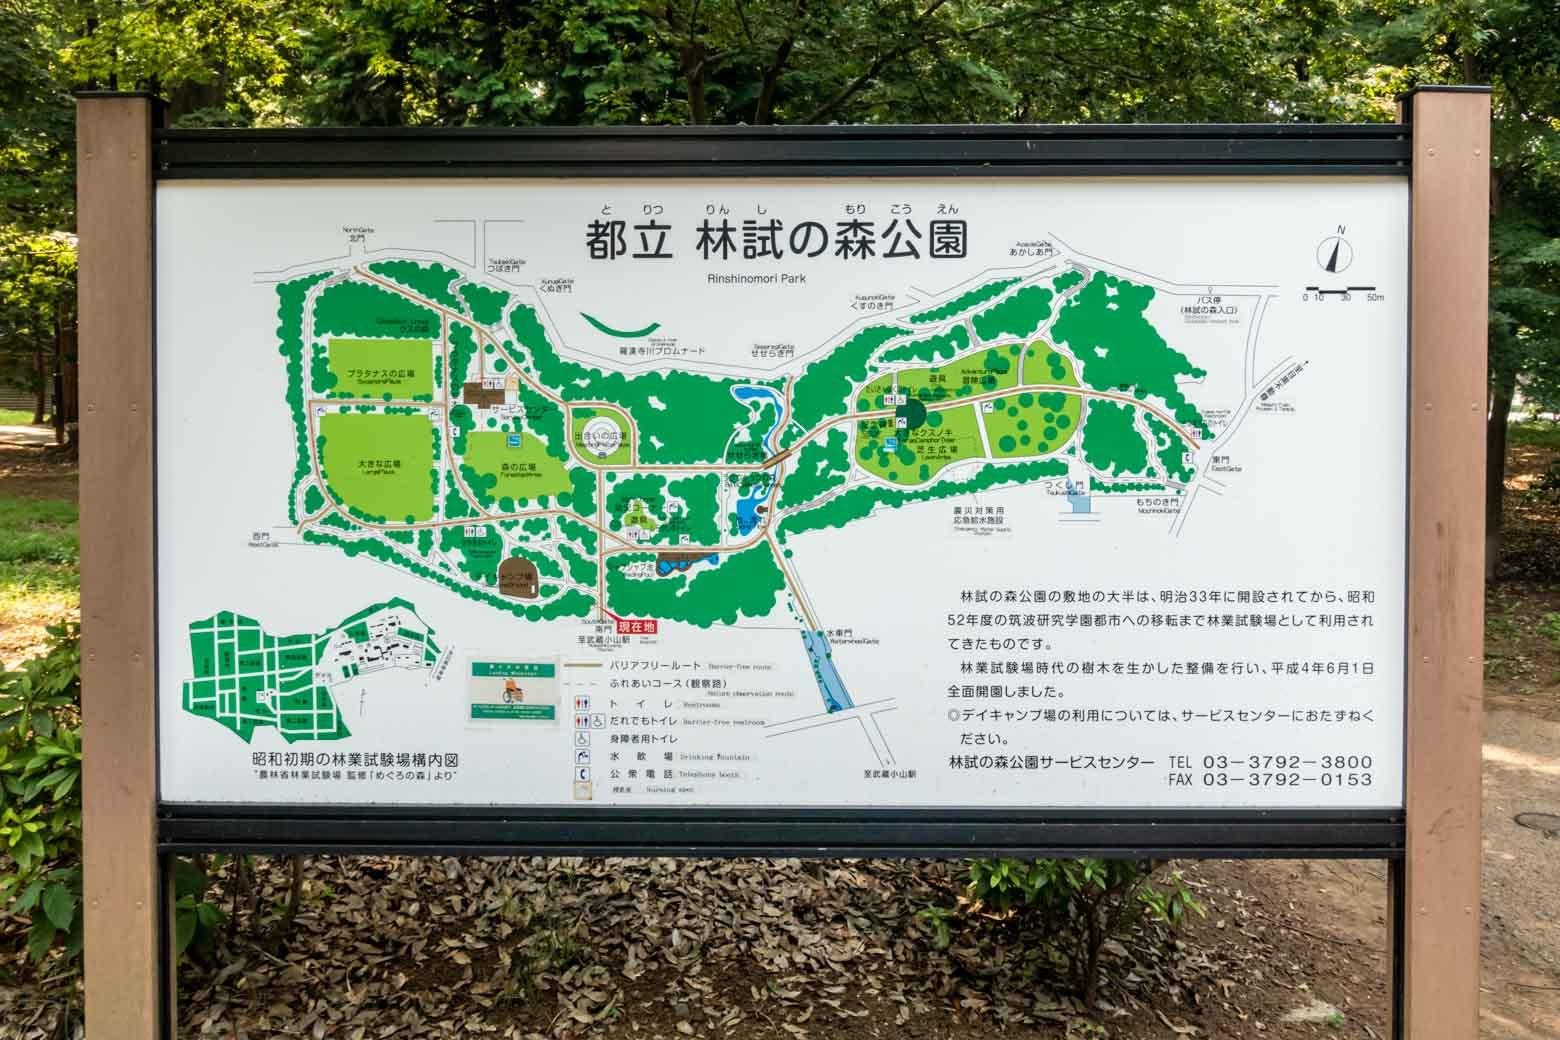 林試の森公園へ到着しました。ここは旧林野庁林業試験場の跡地を利用した公園で、水遊び場や球技の練習ができるグラウンド、デイキャンプ場などなど、さまざまな施設が揃っています。